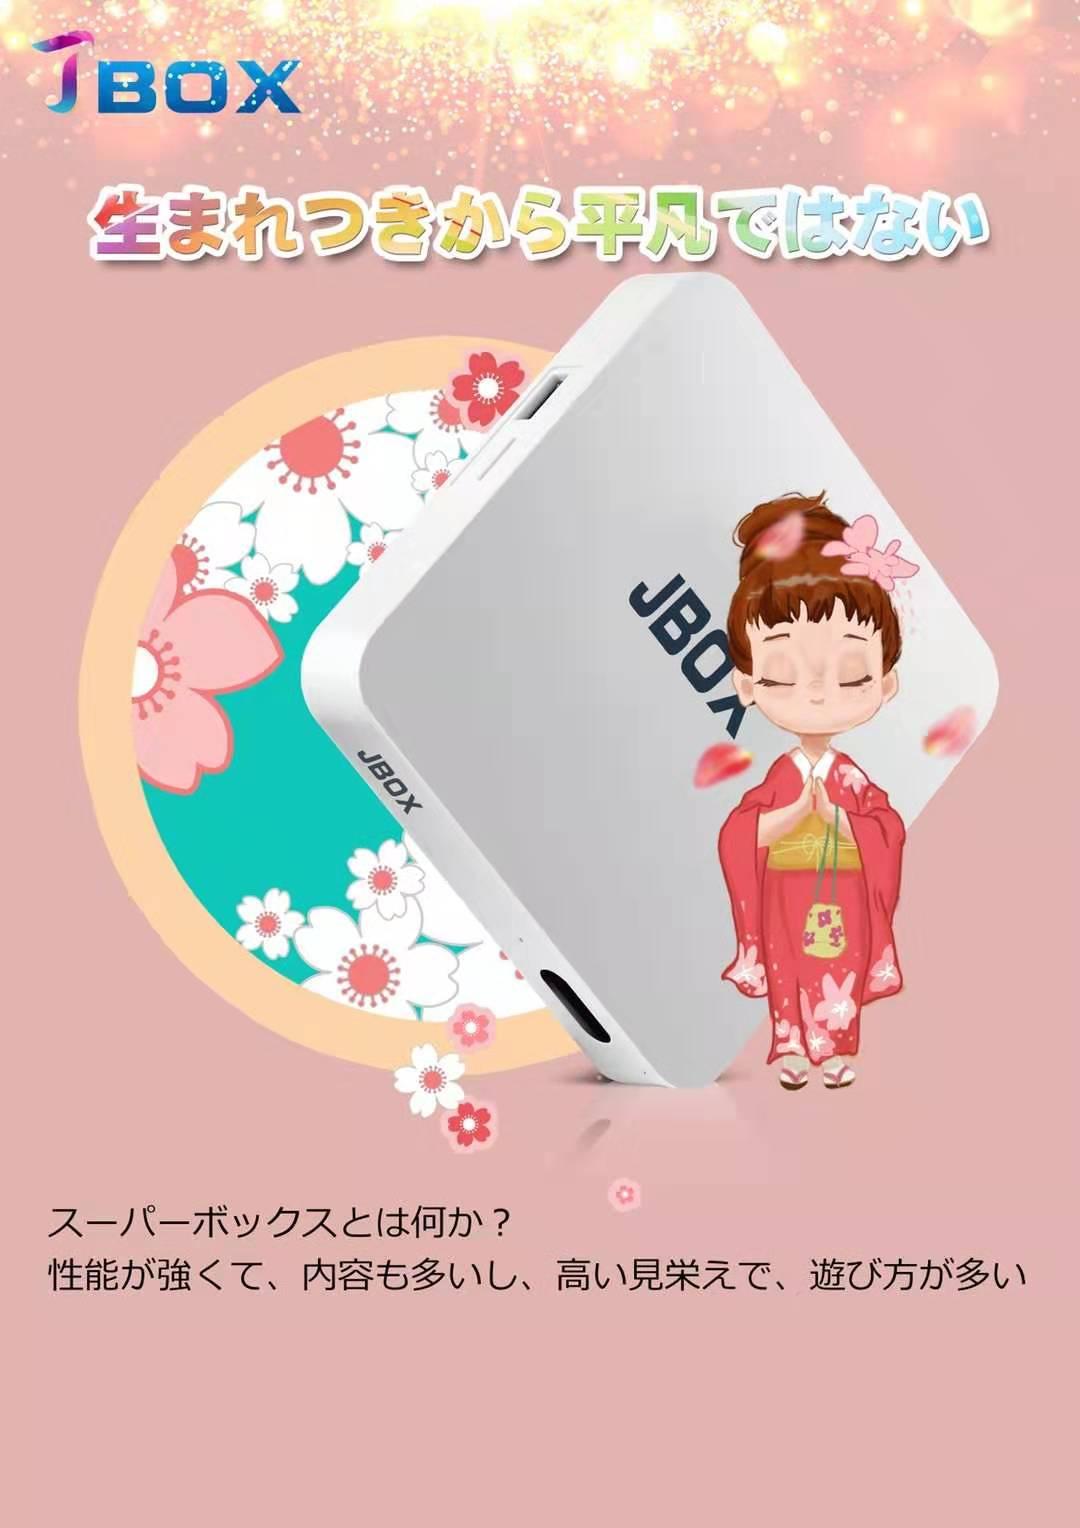 2019 новая версия Ubox JBOX японская версия HDMI 2,0 ТВ приставка Android 7,0 1 Гб + 16 Гб JP ТВ канал воспроизведения - 2